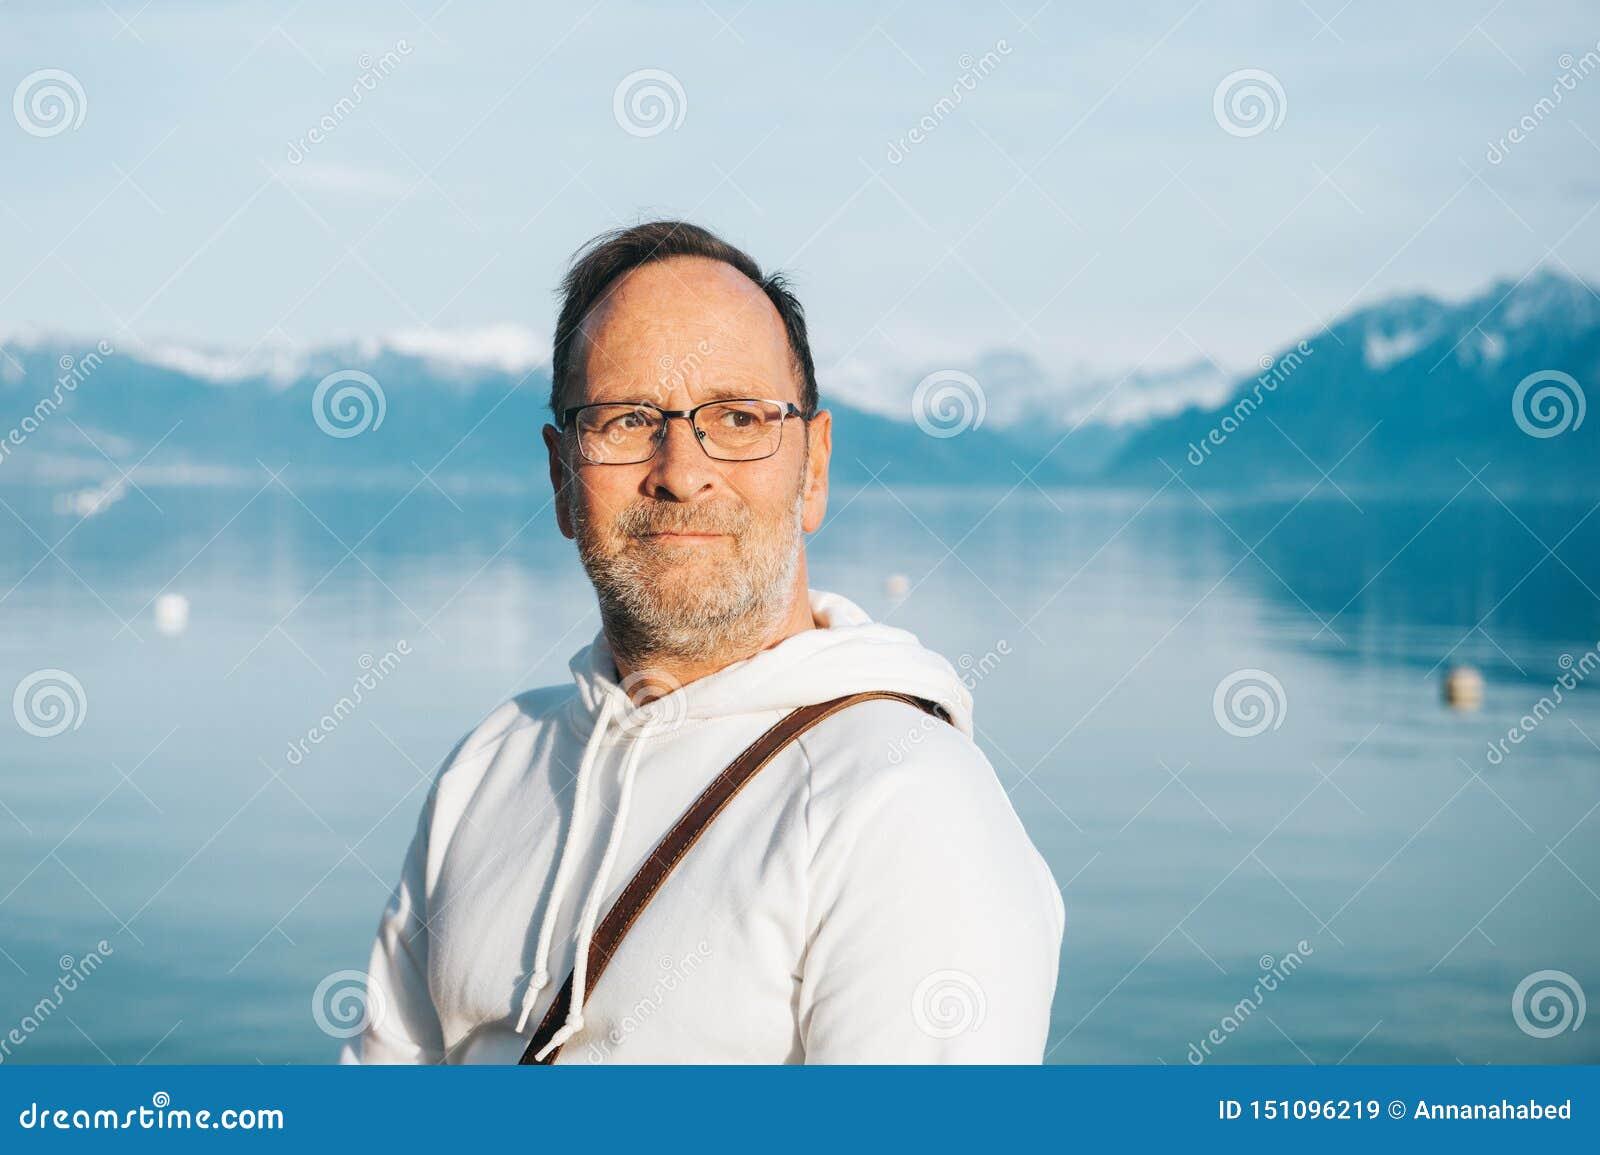 敬佩有山的帅哥画象美丽的湖